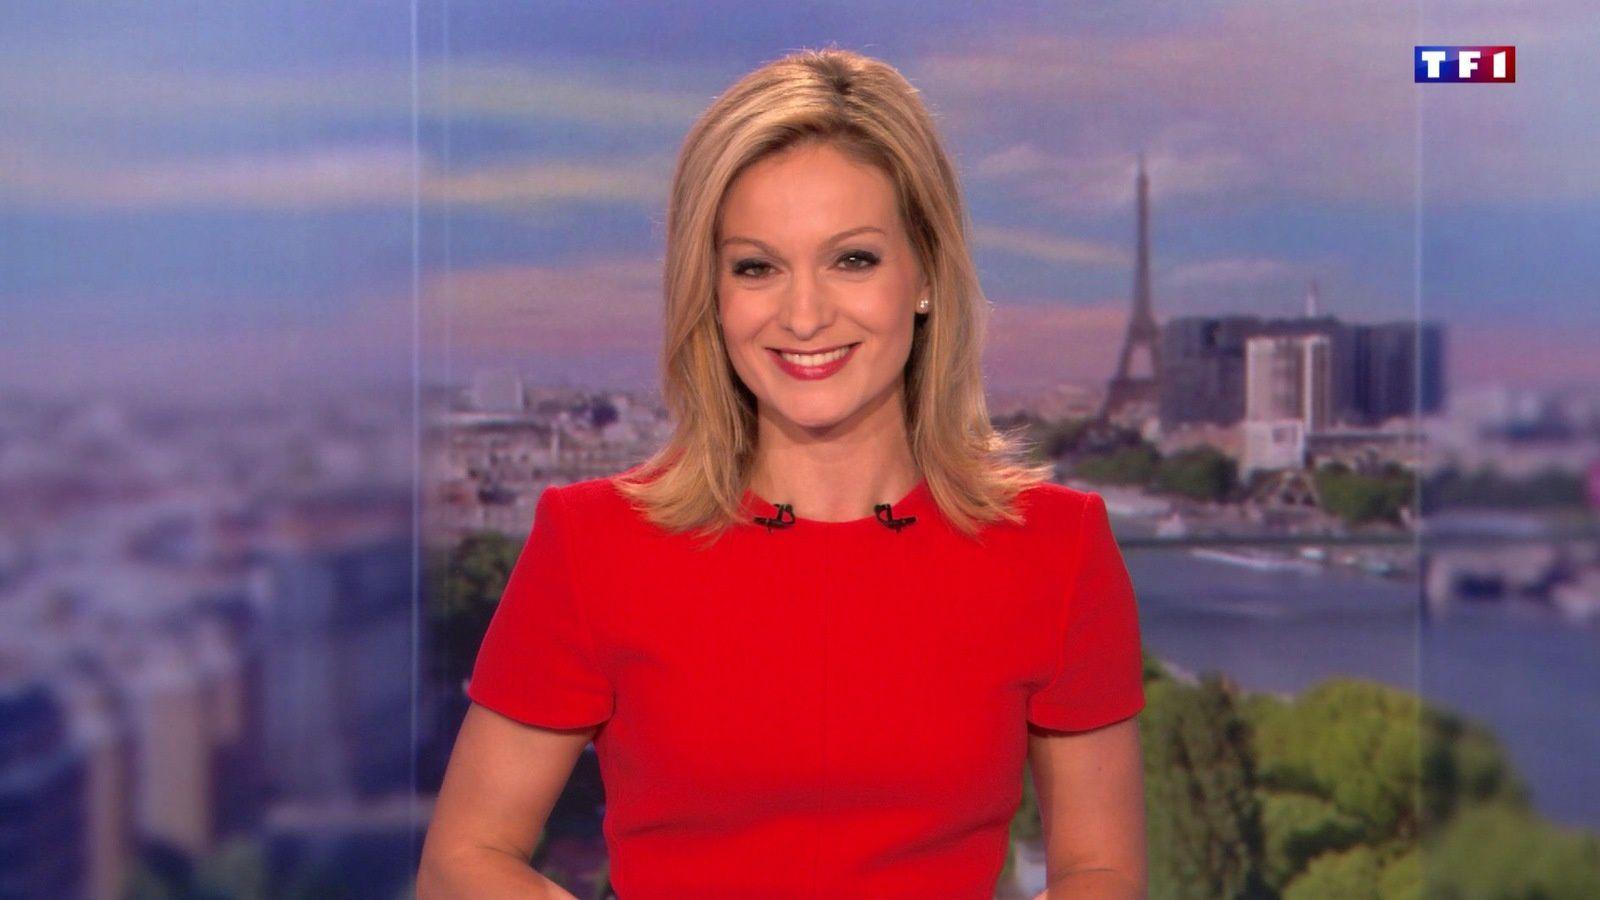 📸11 AUDREY CRESPO-MARA 💄👄💋 @audrey_crespo @TF1 @TF1LeJT pour LE 20H WEEK-END le 2017 06 02 #vuesalatele